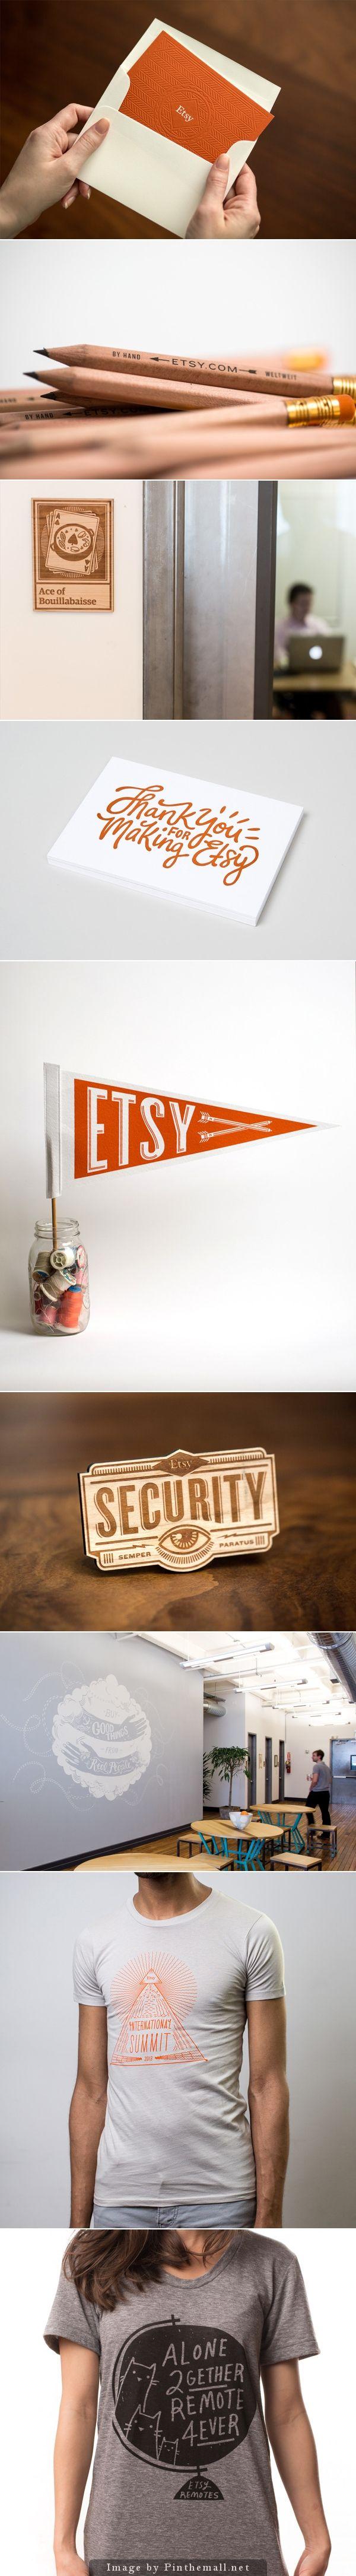 #design #branding #identity #etsy